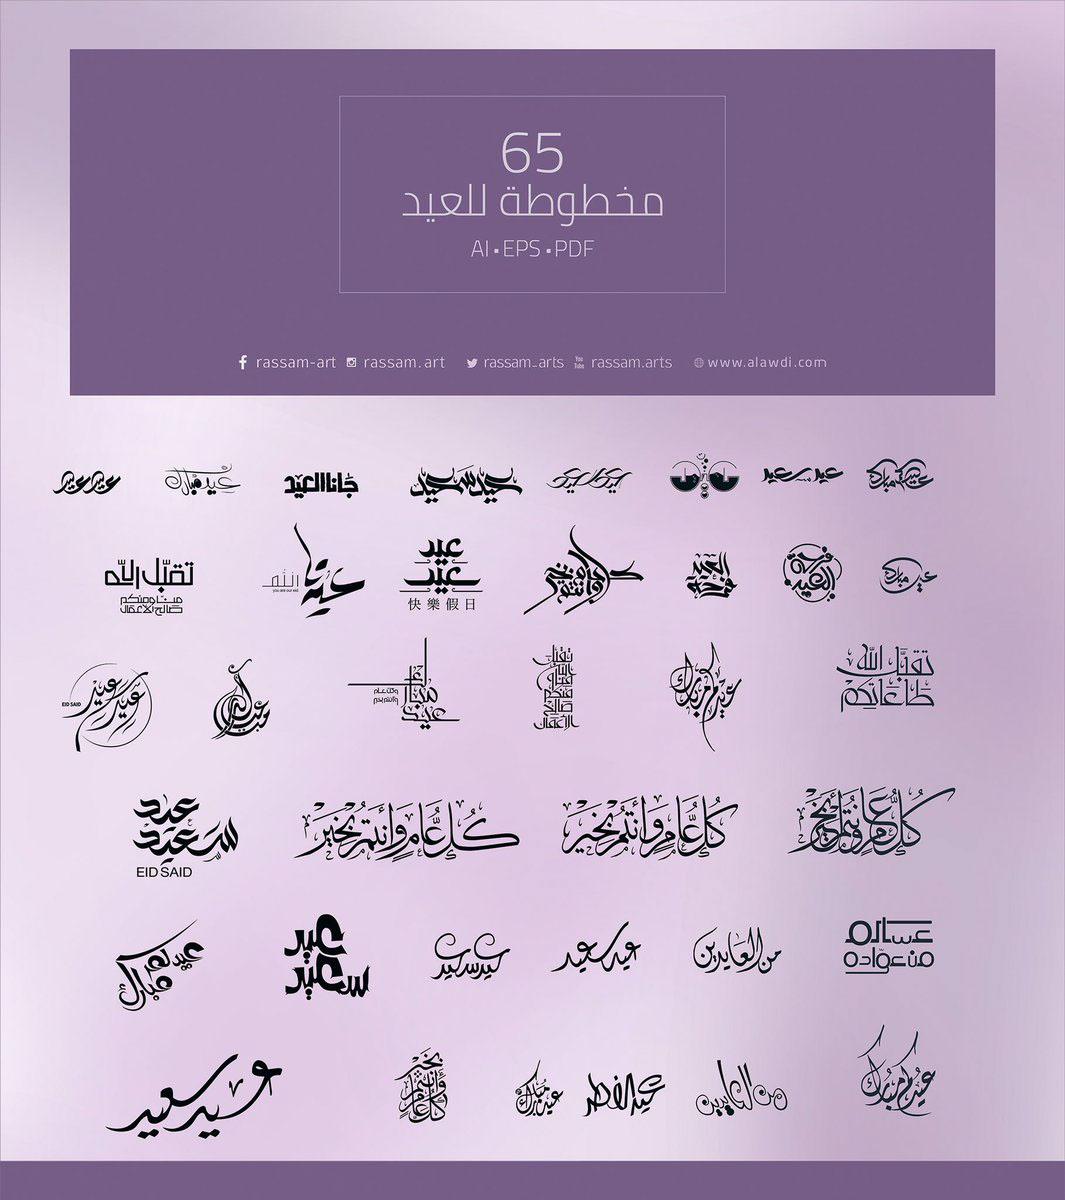 مخطوطات العيد . مخطوطات عيد الفطر . مخطوطات عيد الأضحى - صفحة 2 D3f06953723019.593efd8416150